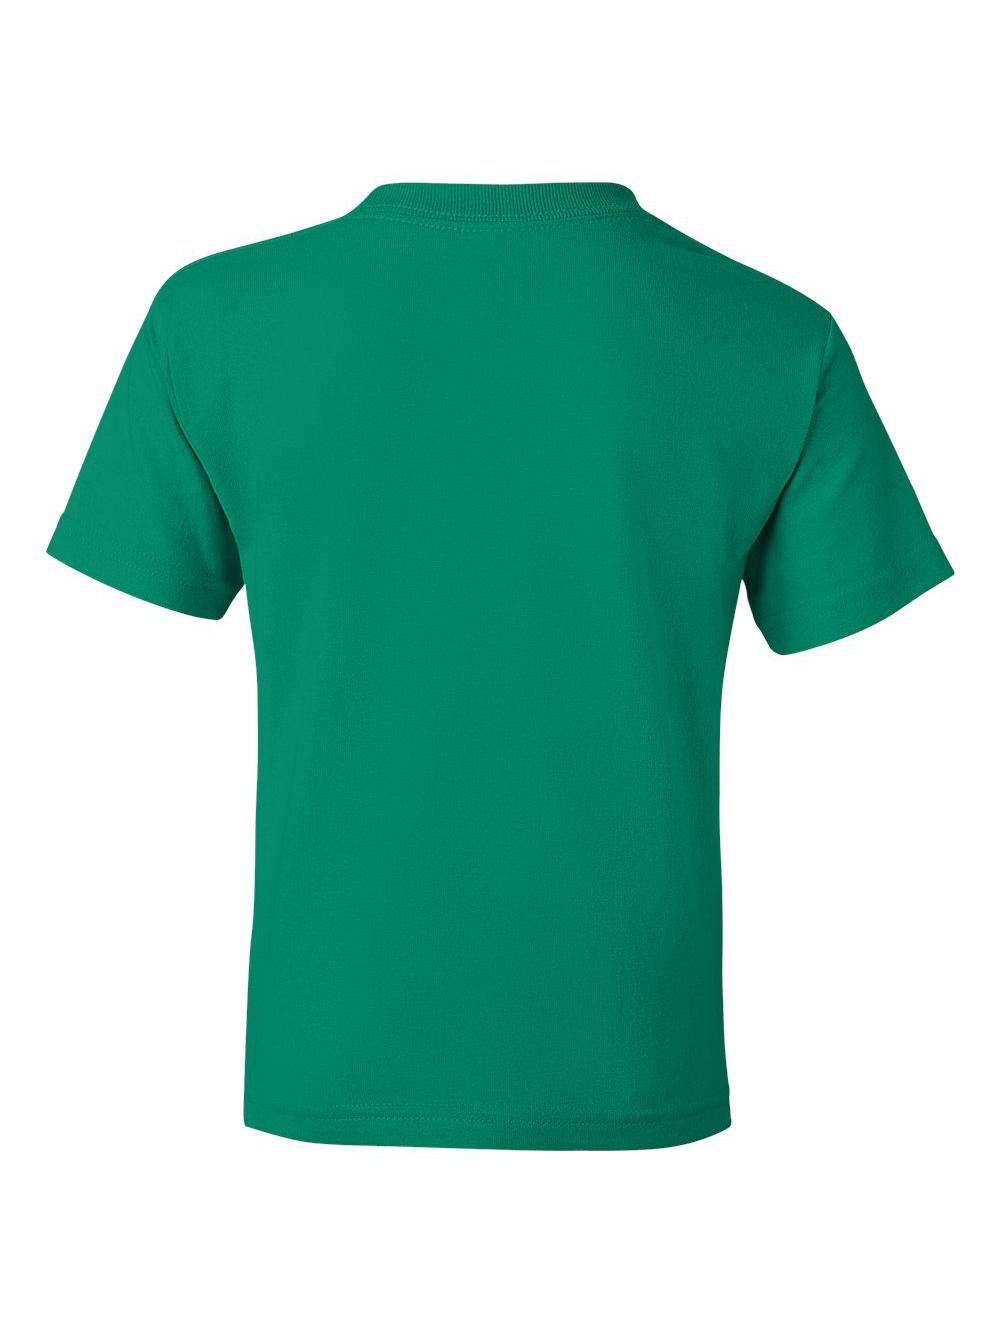 Gildan-DryBlend-Youth-50-50-T-Shirt-8000B thumbnail 55